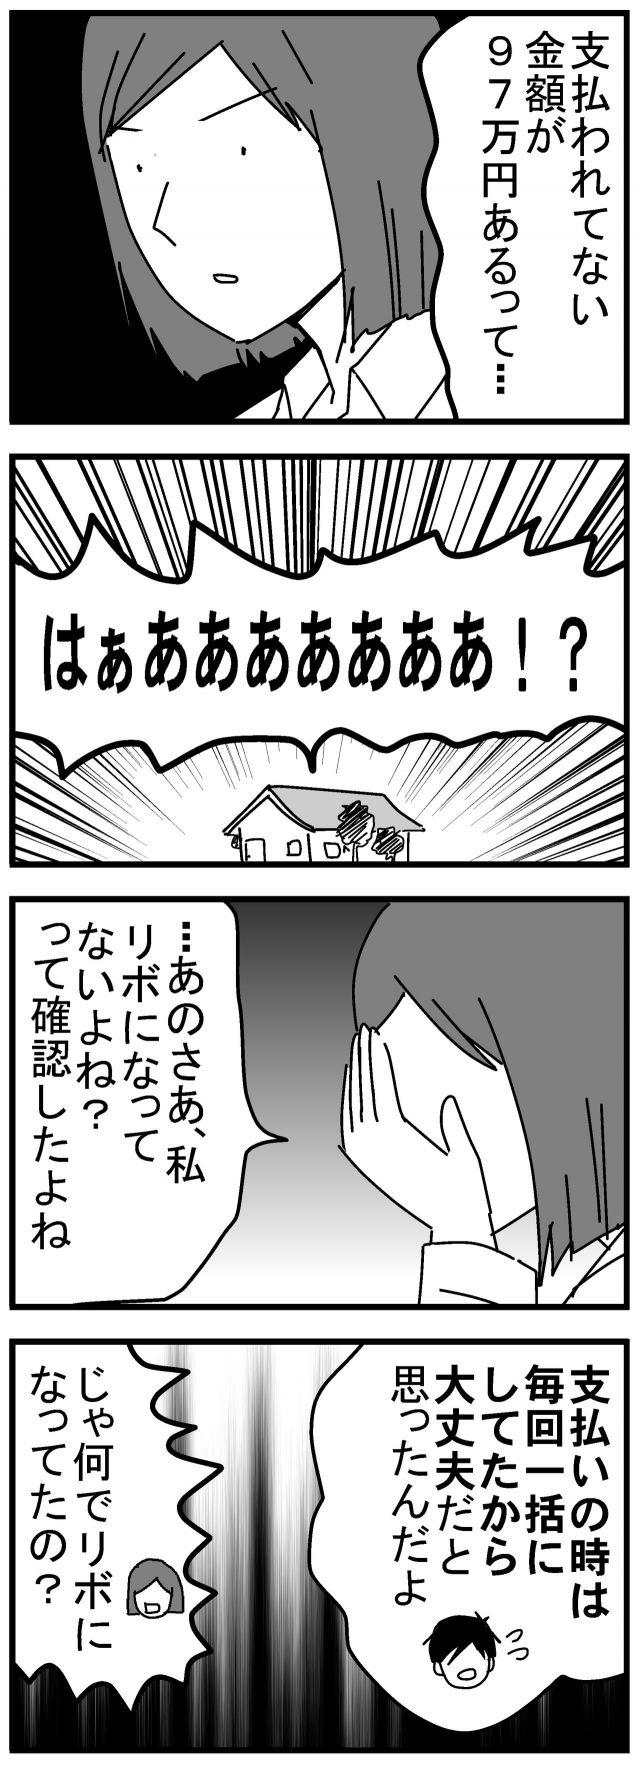 ribo36